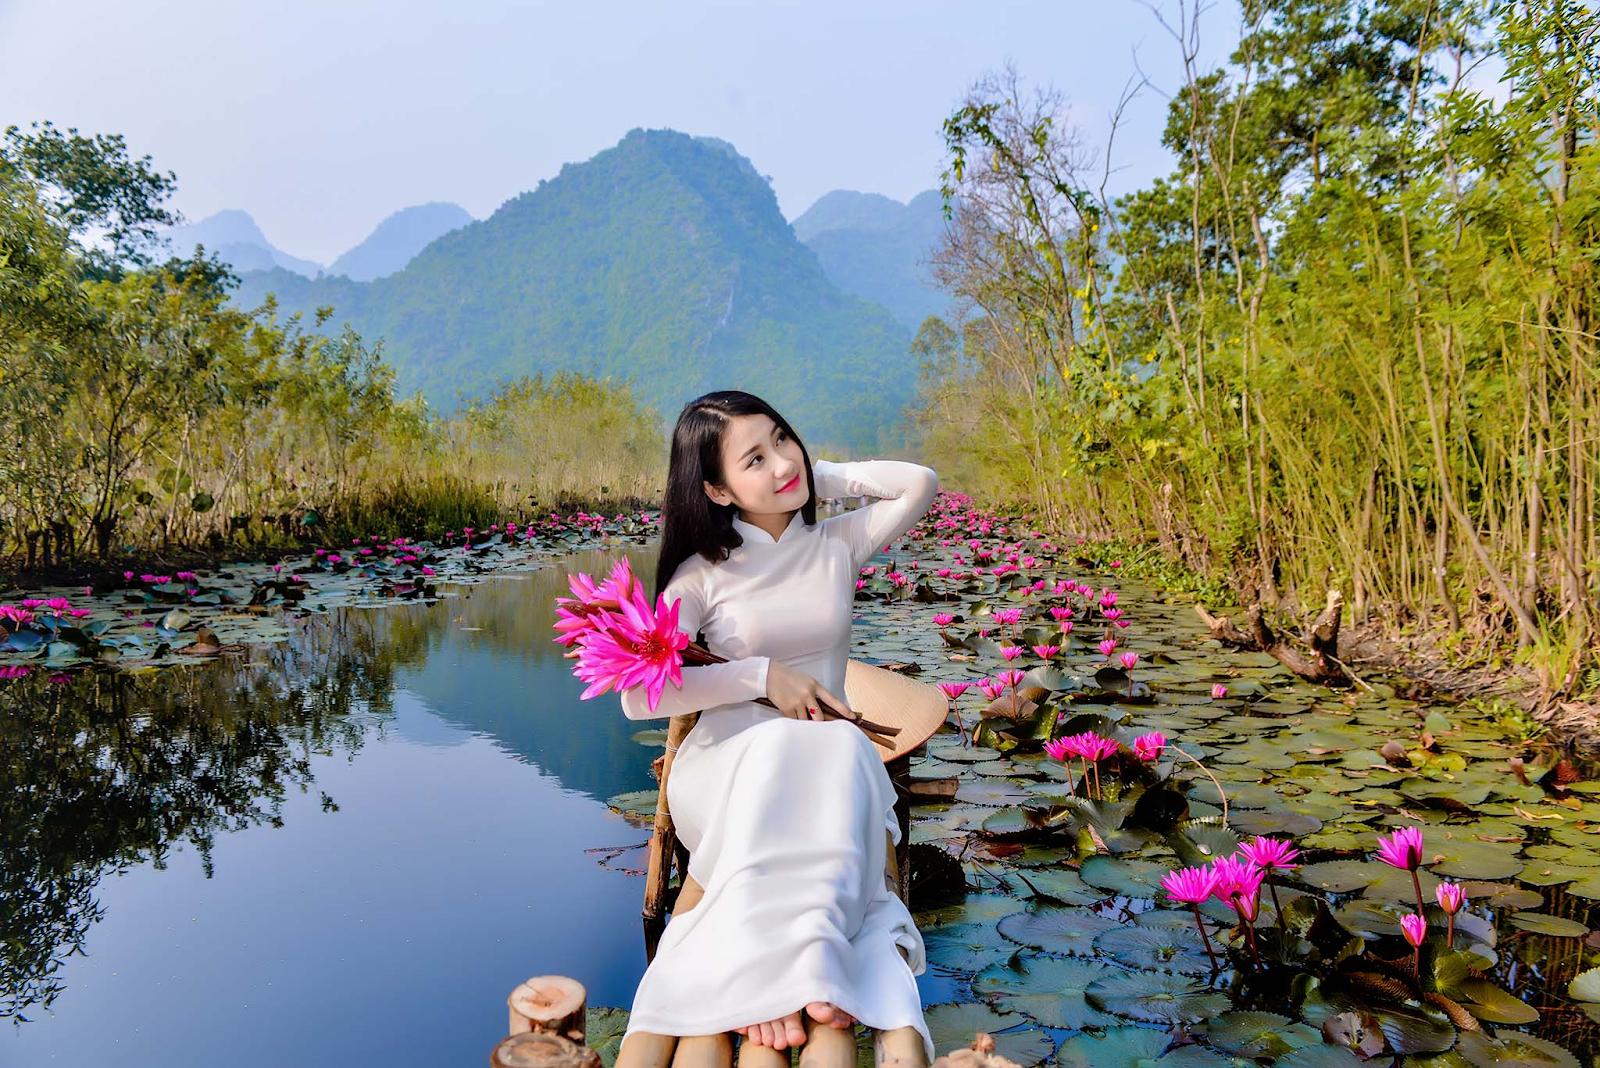 Hình ảnh áo dài gắn liền với người phụ nữ Việt Nam